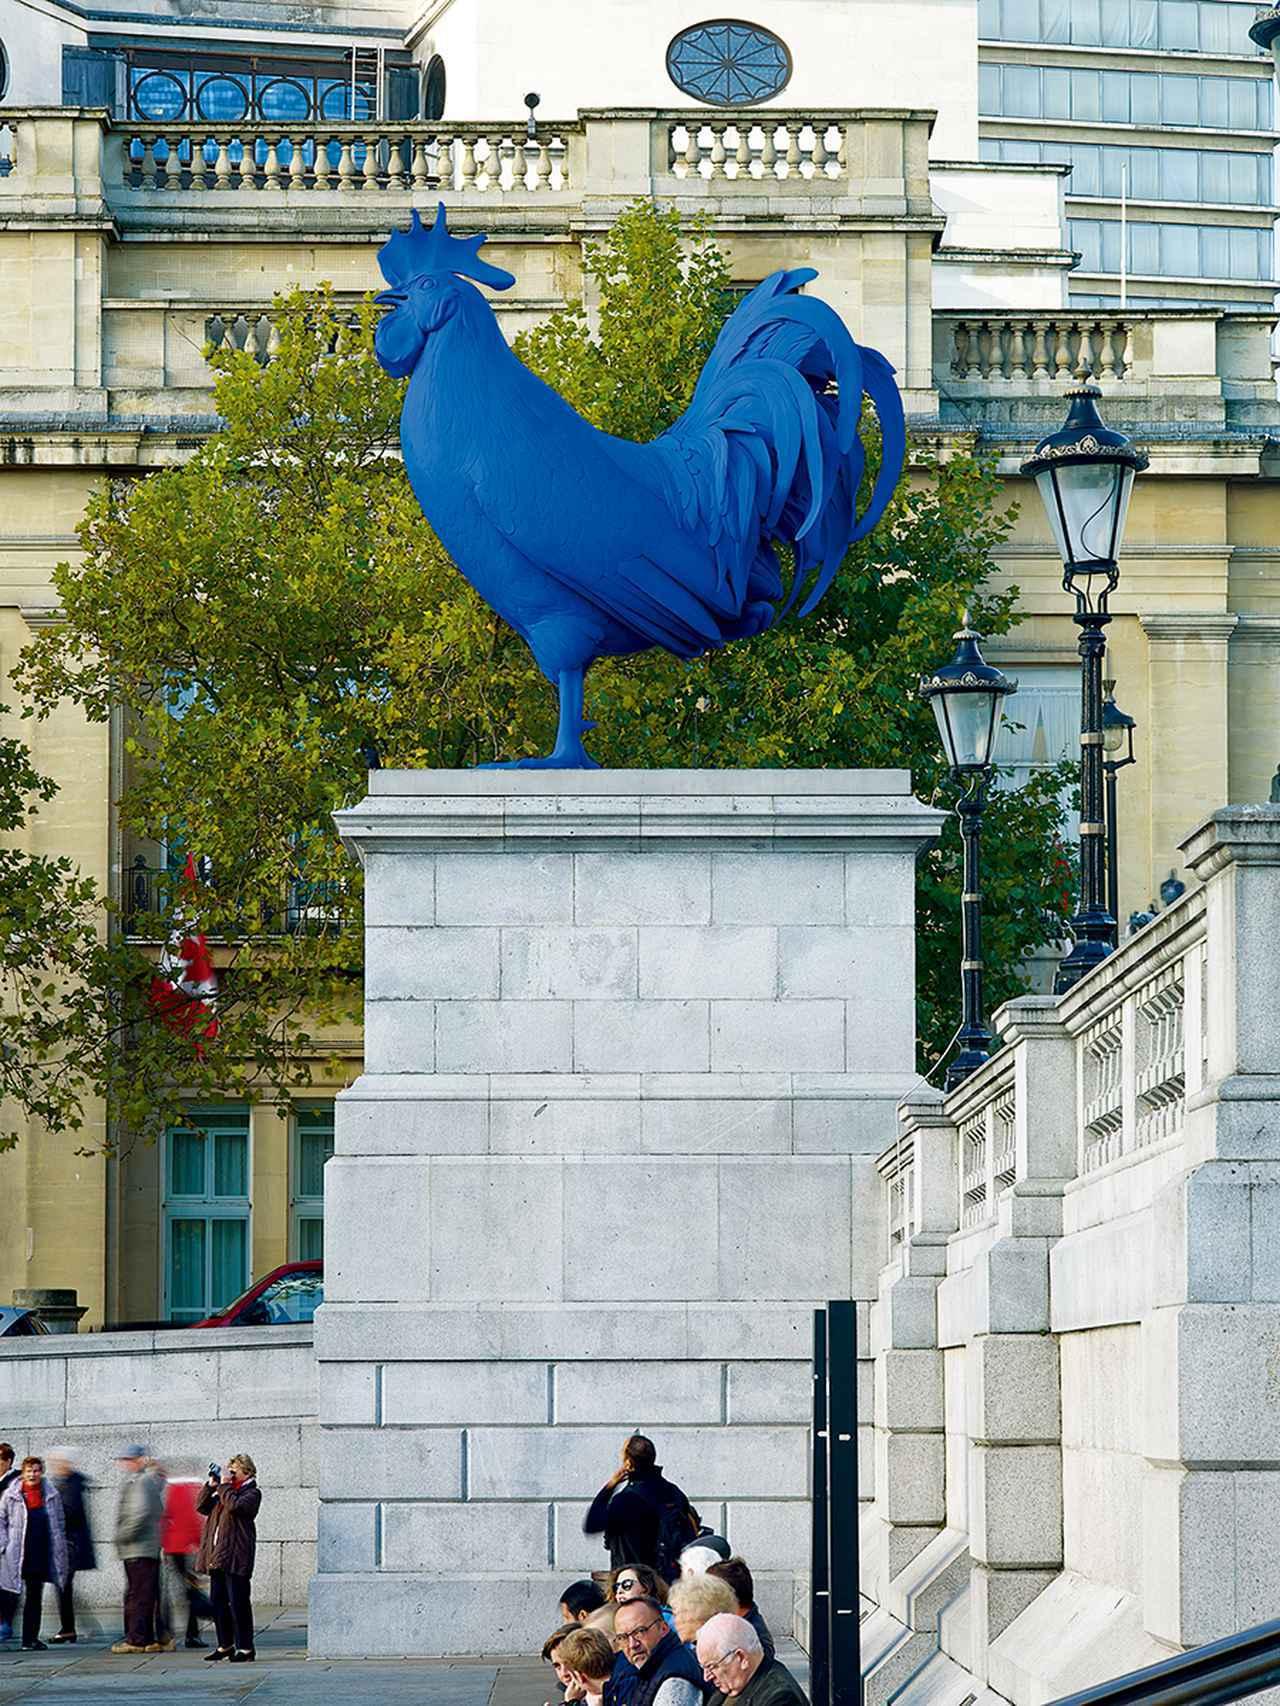 """画像: ロンドンのトラファルガー広場にあった《Hahn(雄鶏)》(2013年) KATHARINA FRITSCH, """"HAHN/COCK,"""" 2013, FIBERGLASS, POLYESTER RESIN, PAINT AND STAINLESS STEEL © KATHARINA FRITSCH/VG BILD-KUNST, BONN/COURTESY OF MATTHEW MARKS GALLERY"""